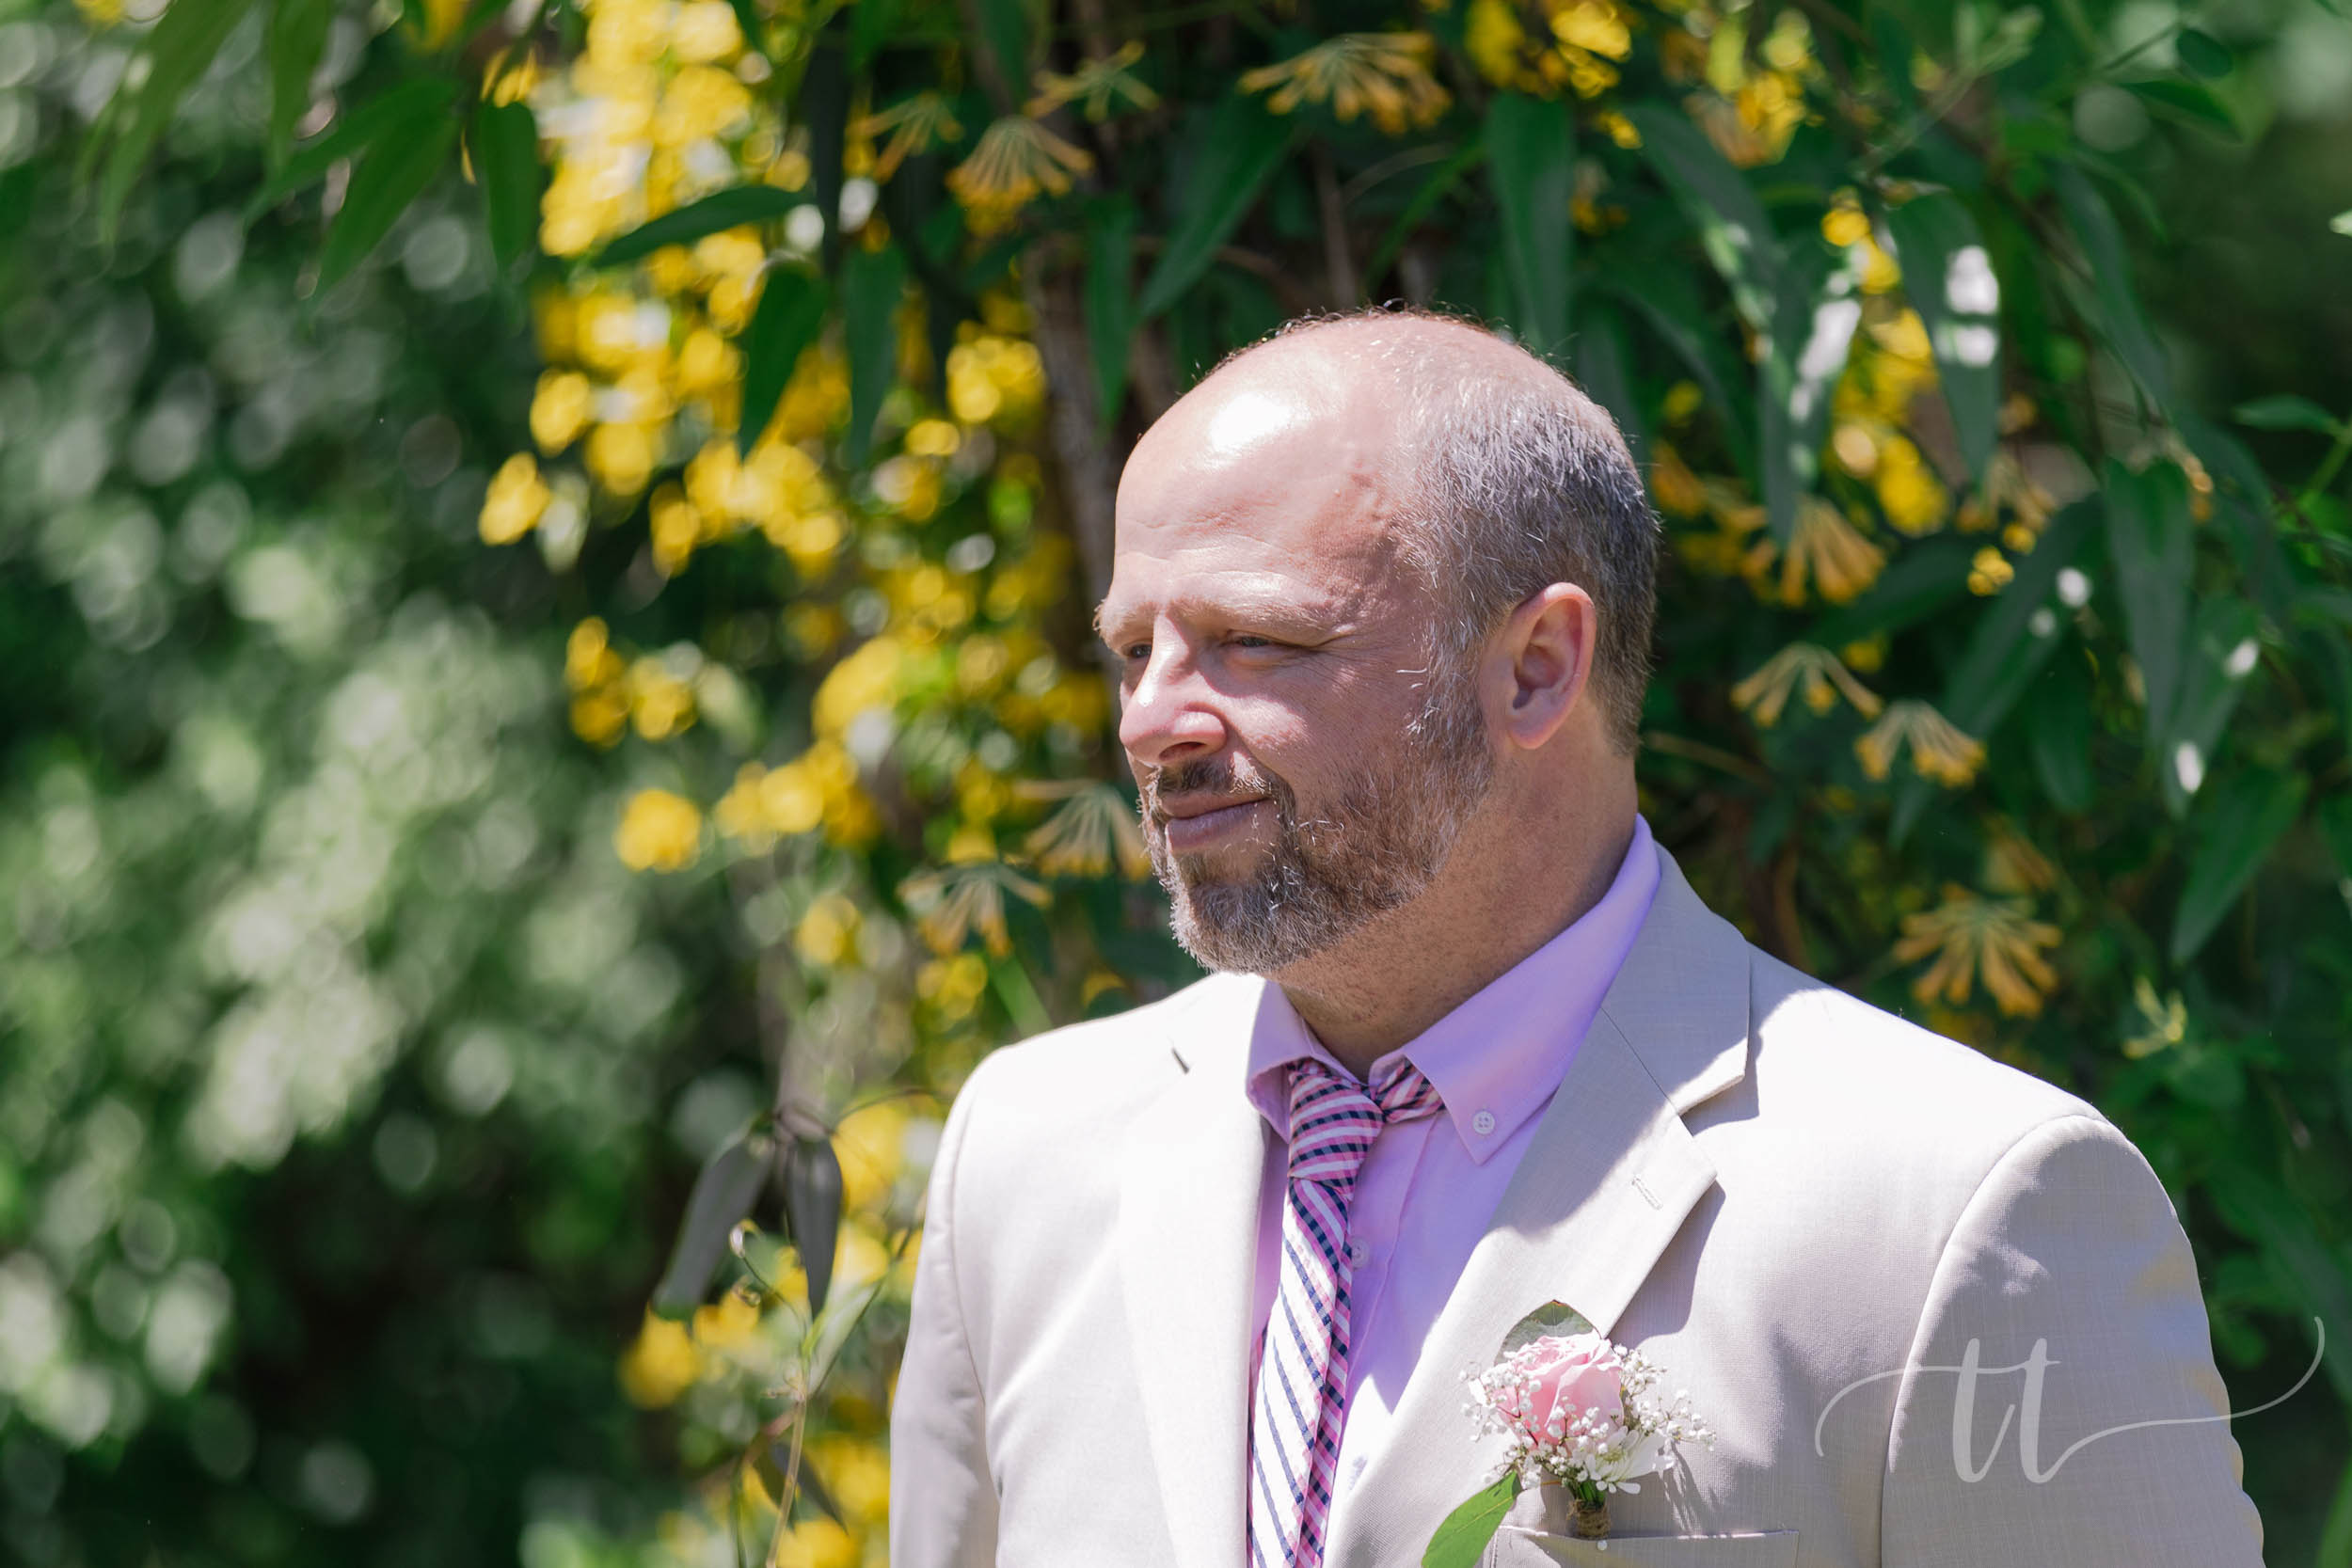 pleasant-garden-wedding-6.jpg